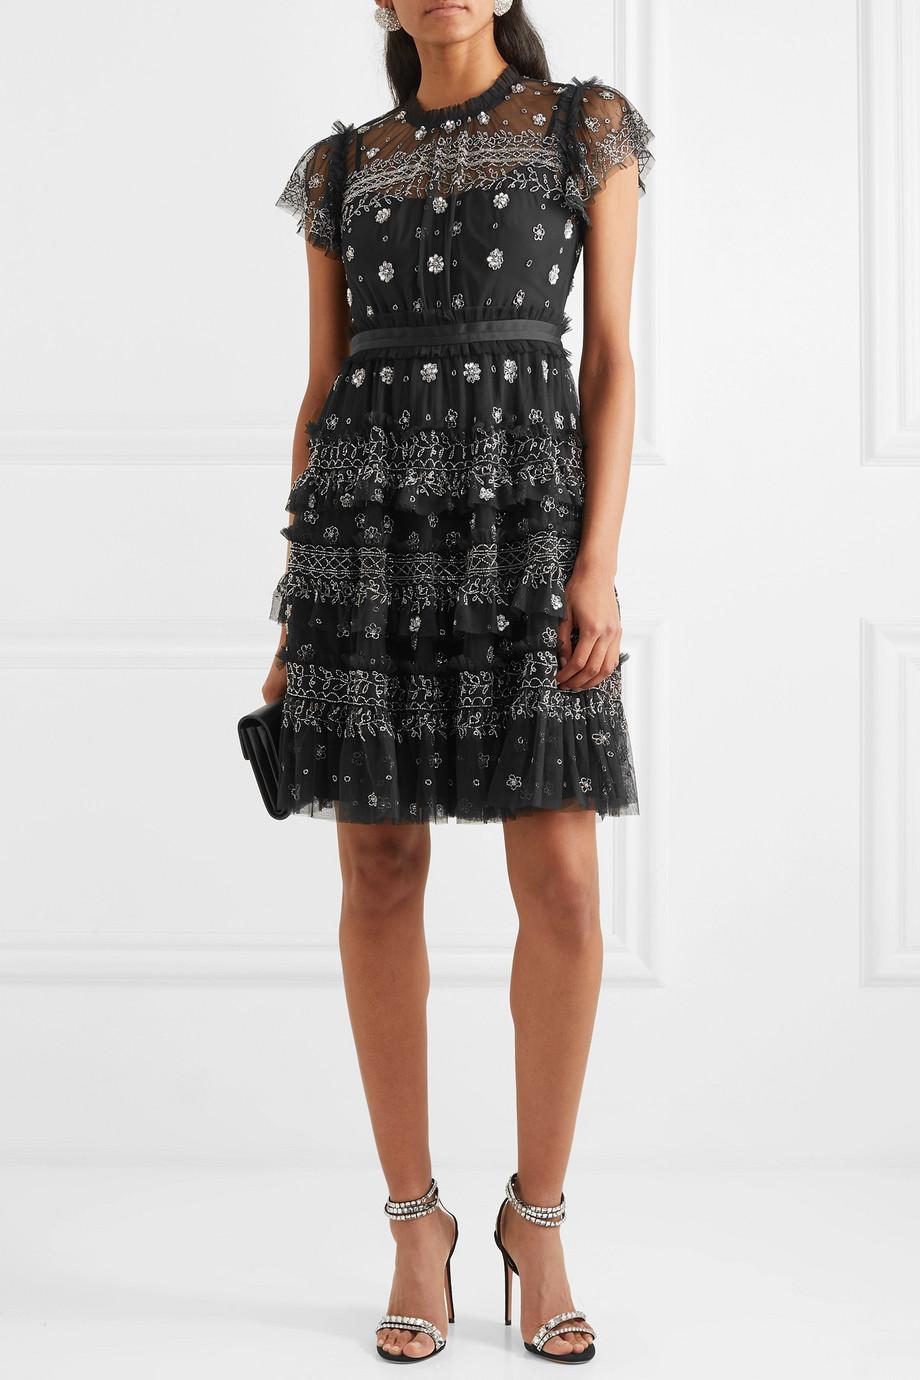 Needle & Thread Andromeda embellished tulle mini dress